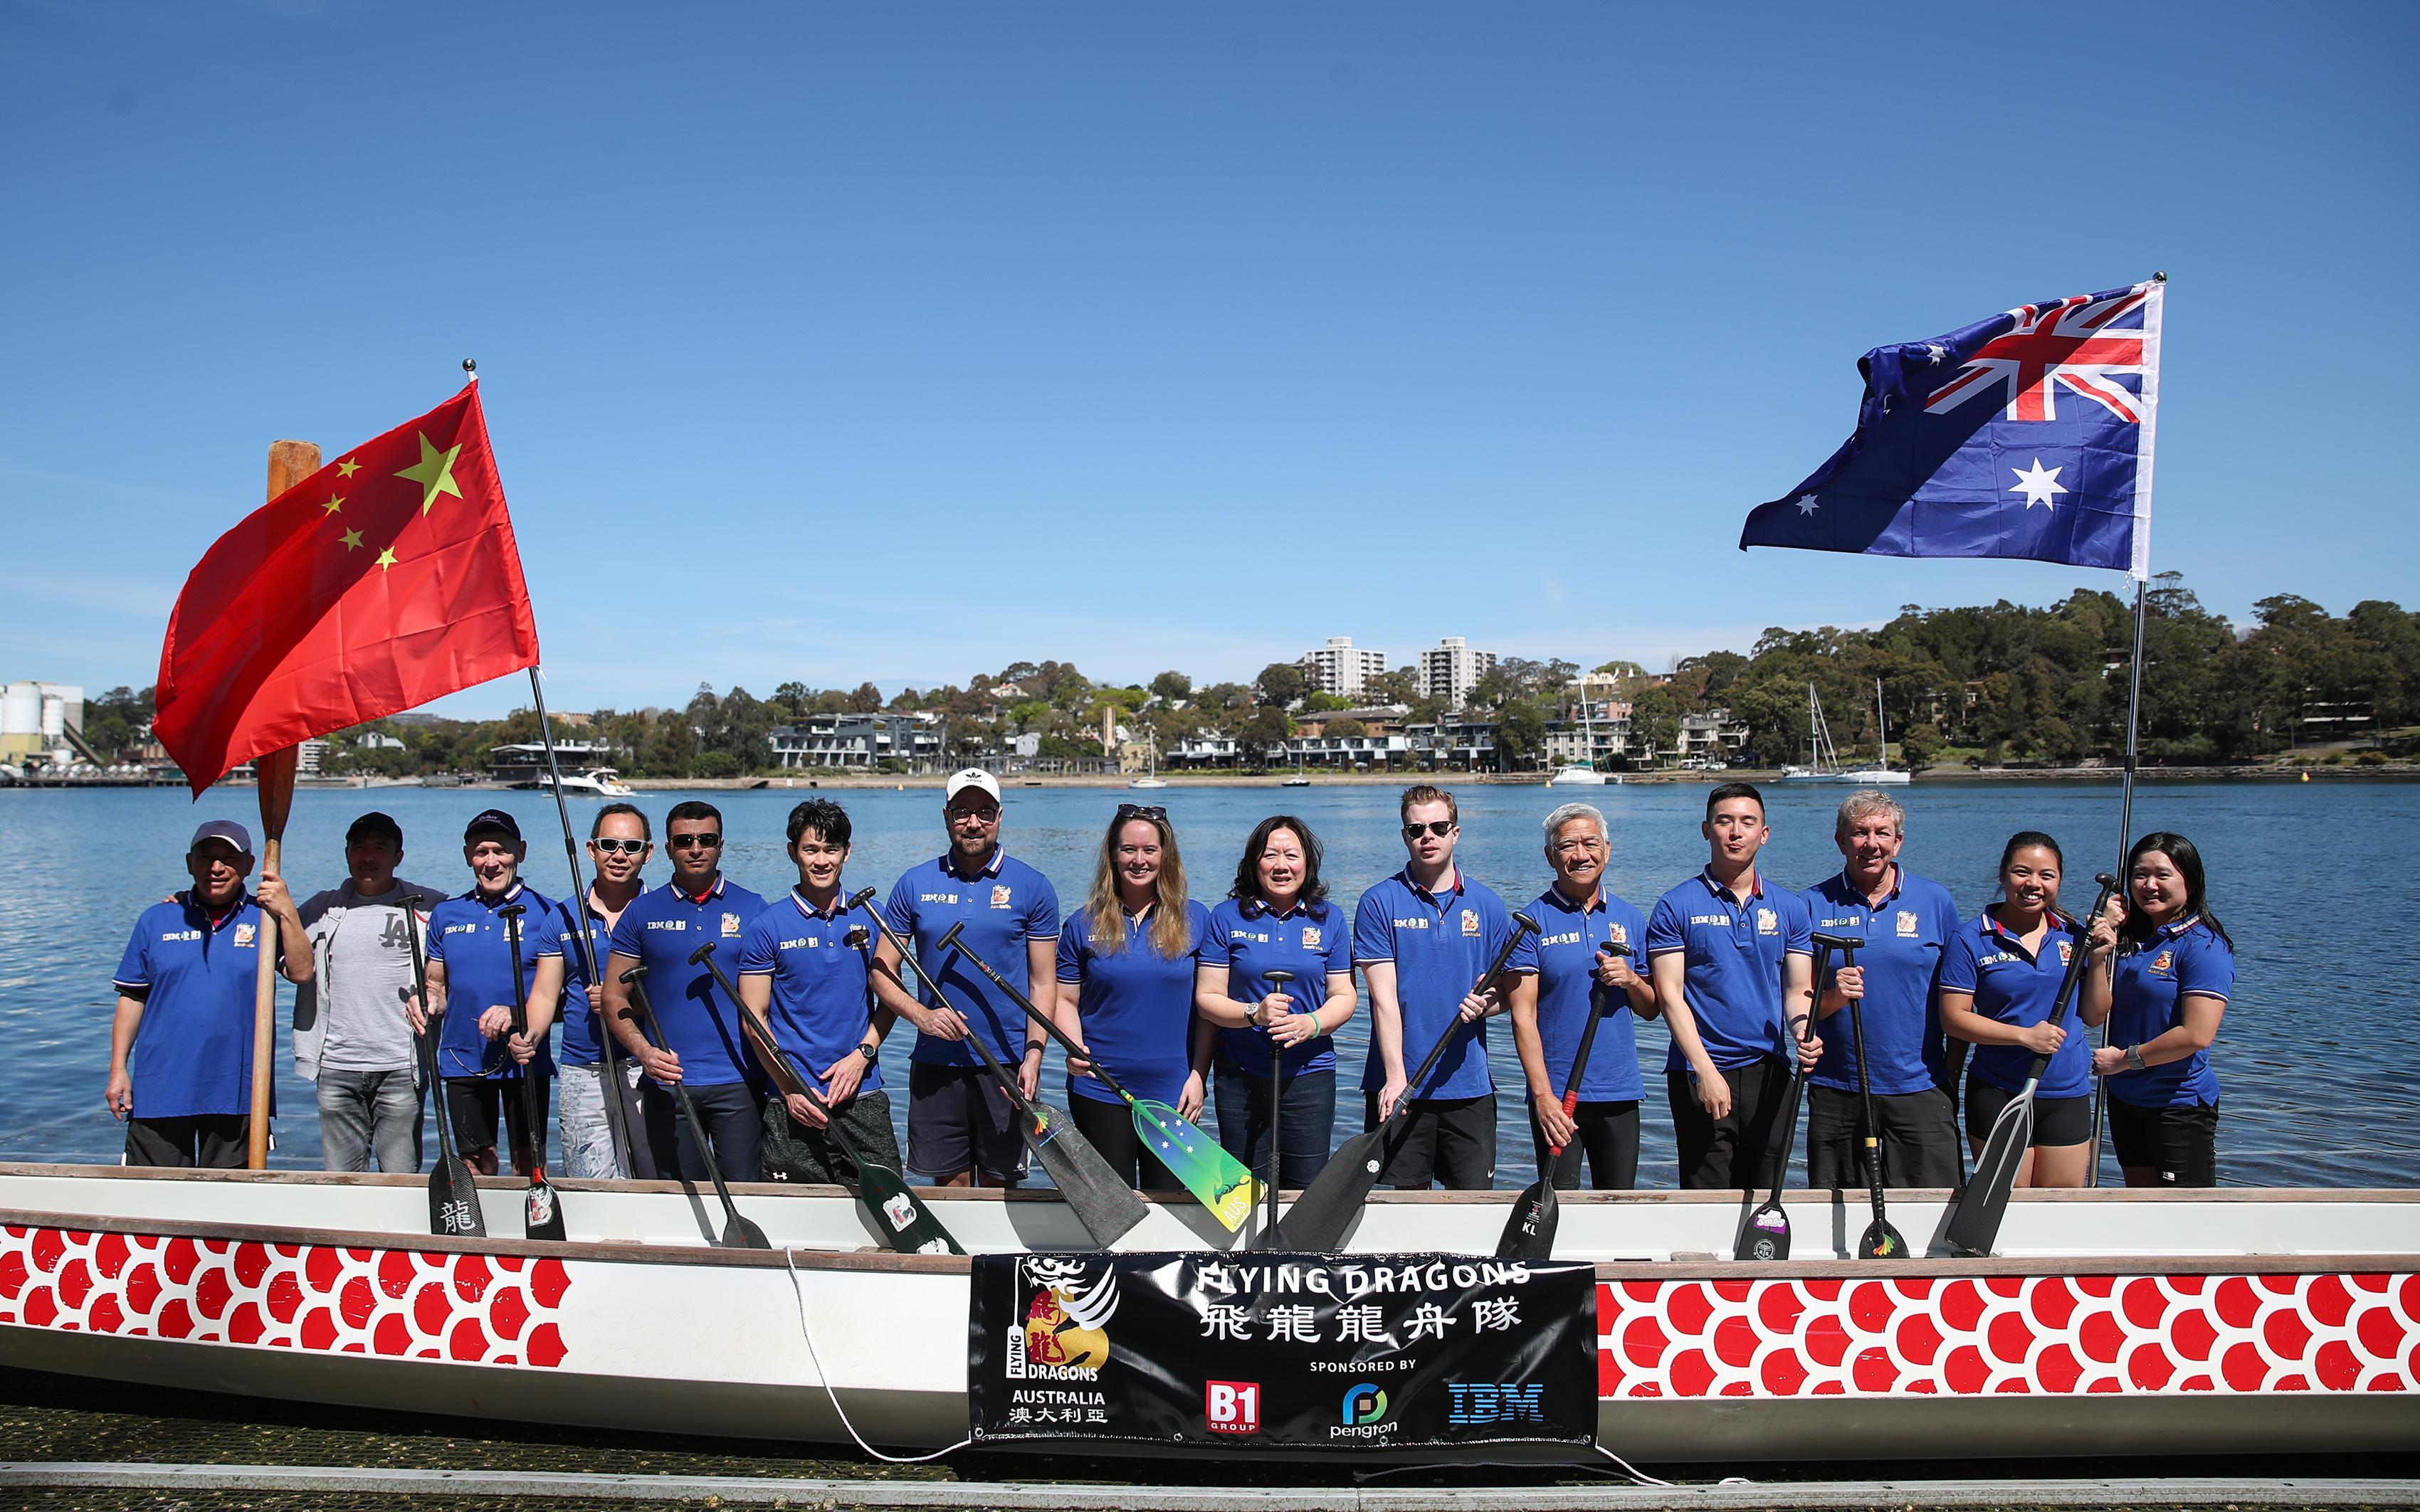 龙舟——澳大利亚龙舟队积极备战世界华人龙舟邀请赛